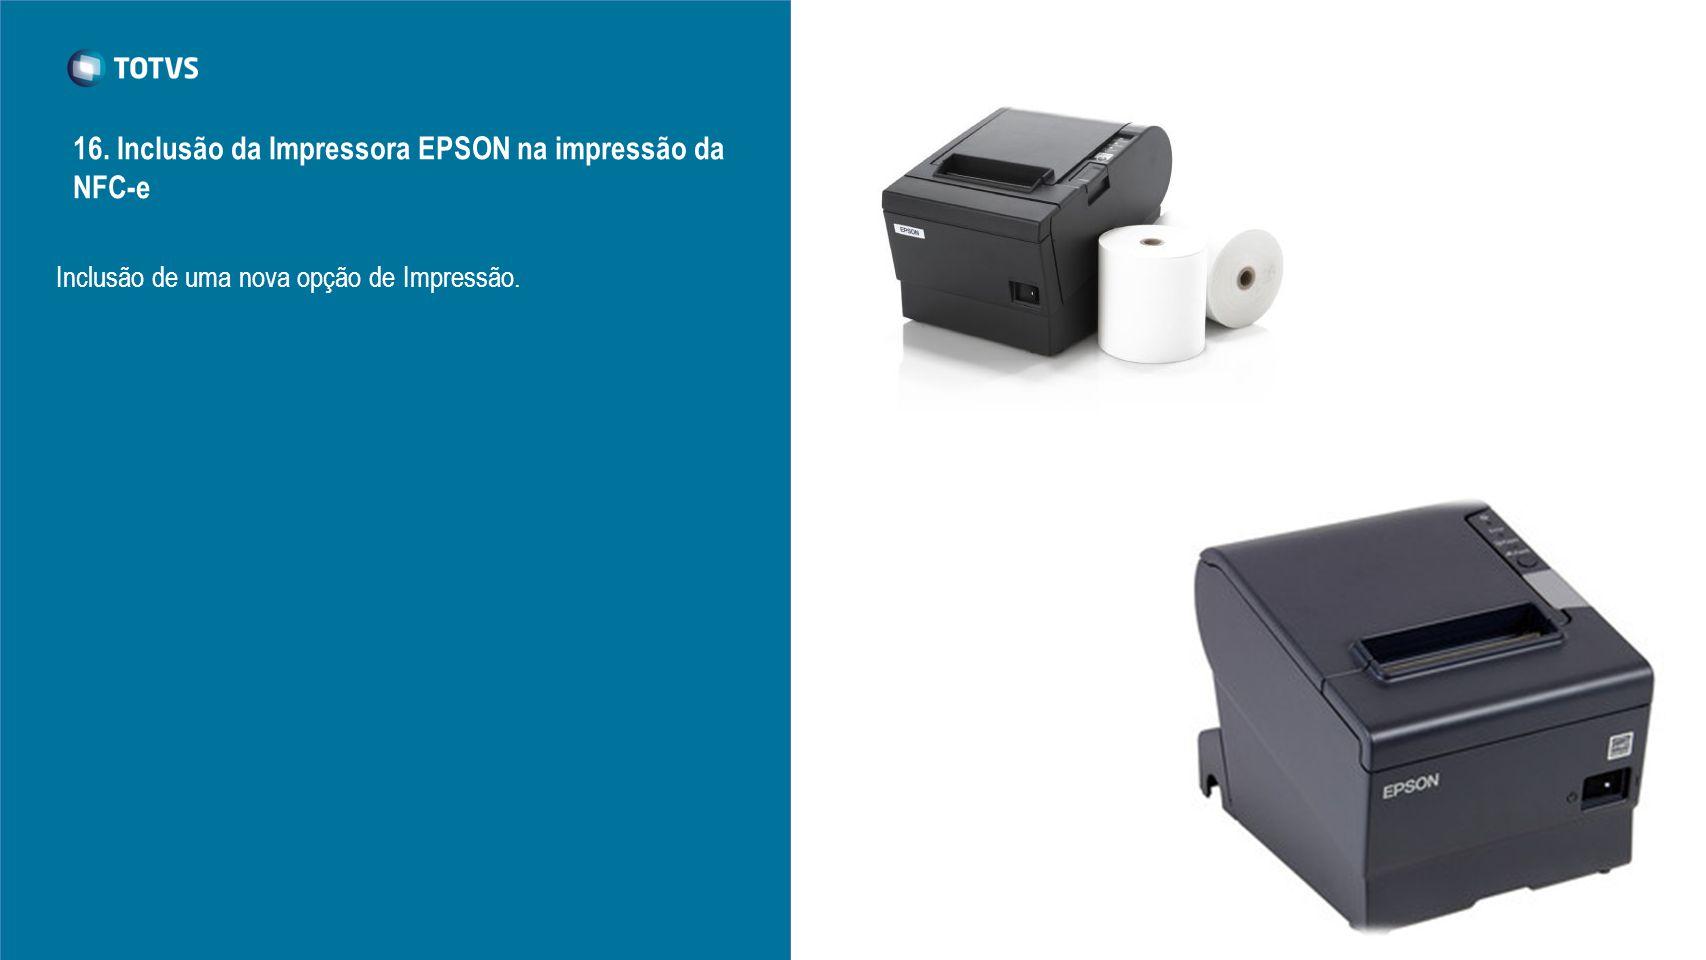 Inclusão de uma nova opção de Impressão. 16. Inclusão da Impressora EPSON na impressão da NFC-e